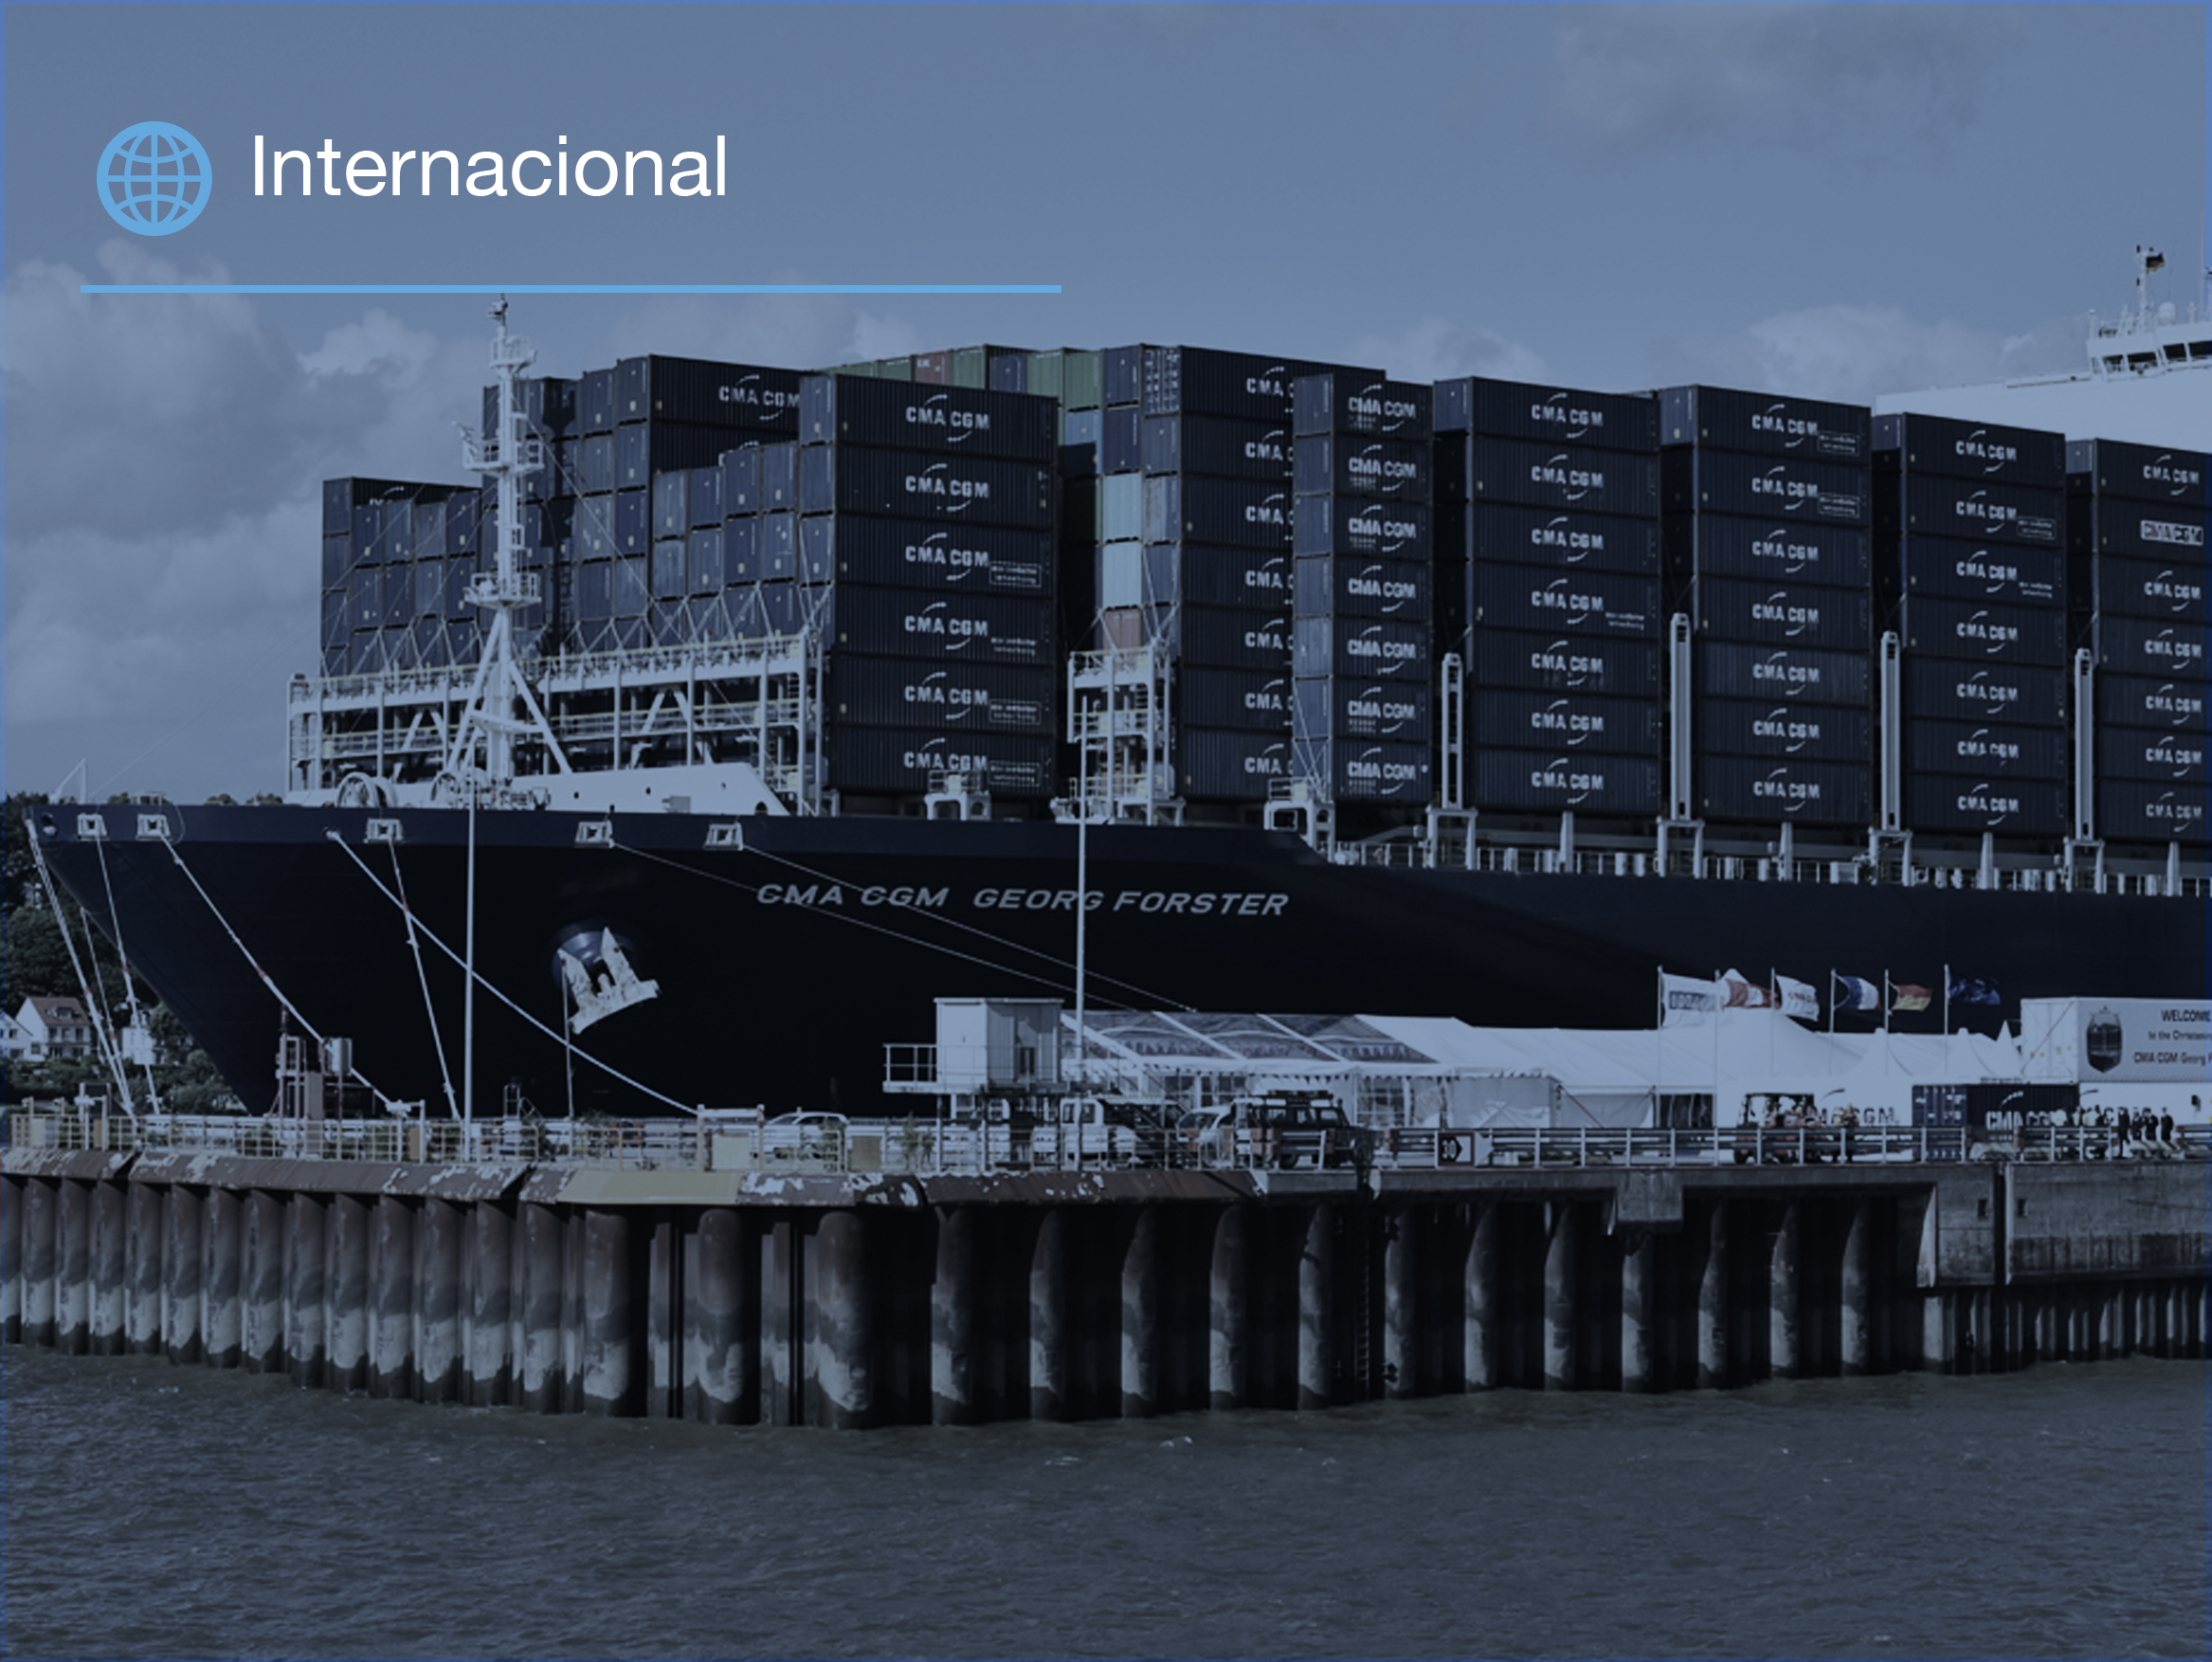 Noticia Internacional 1